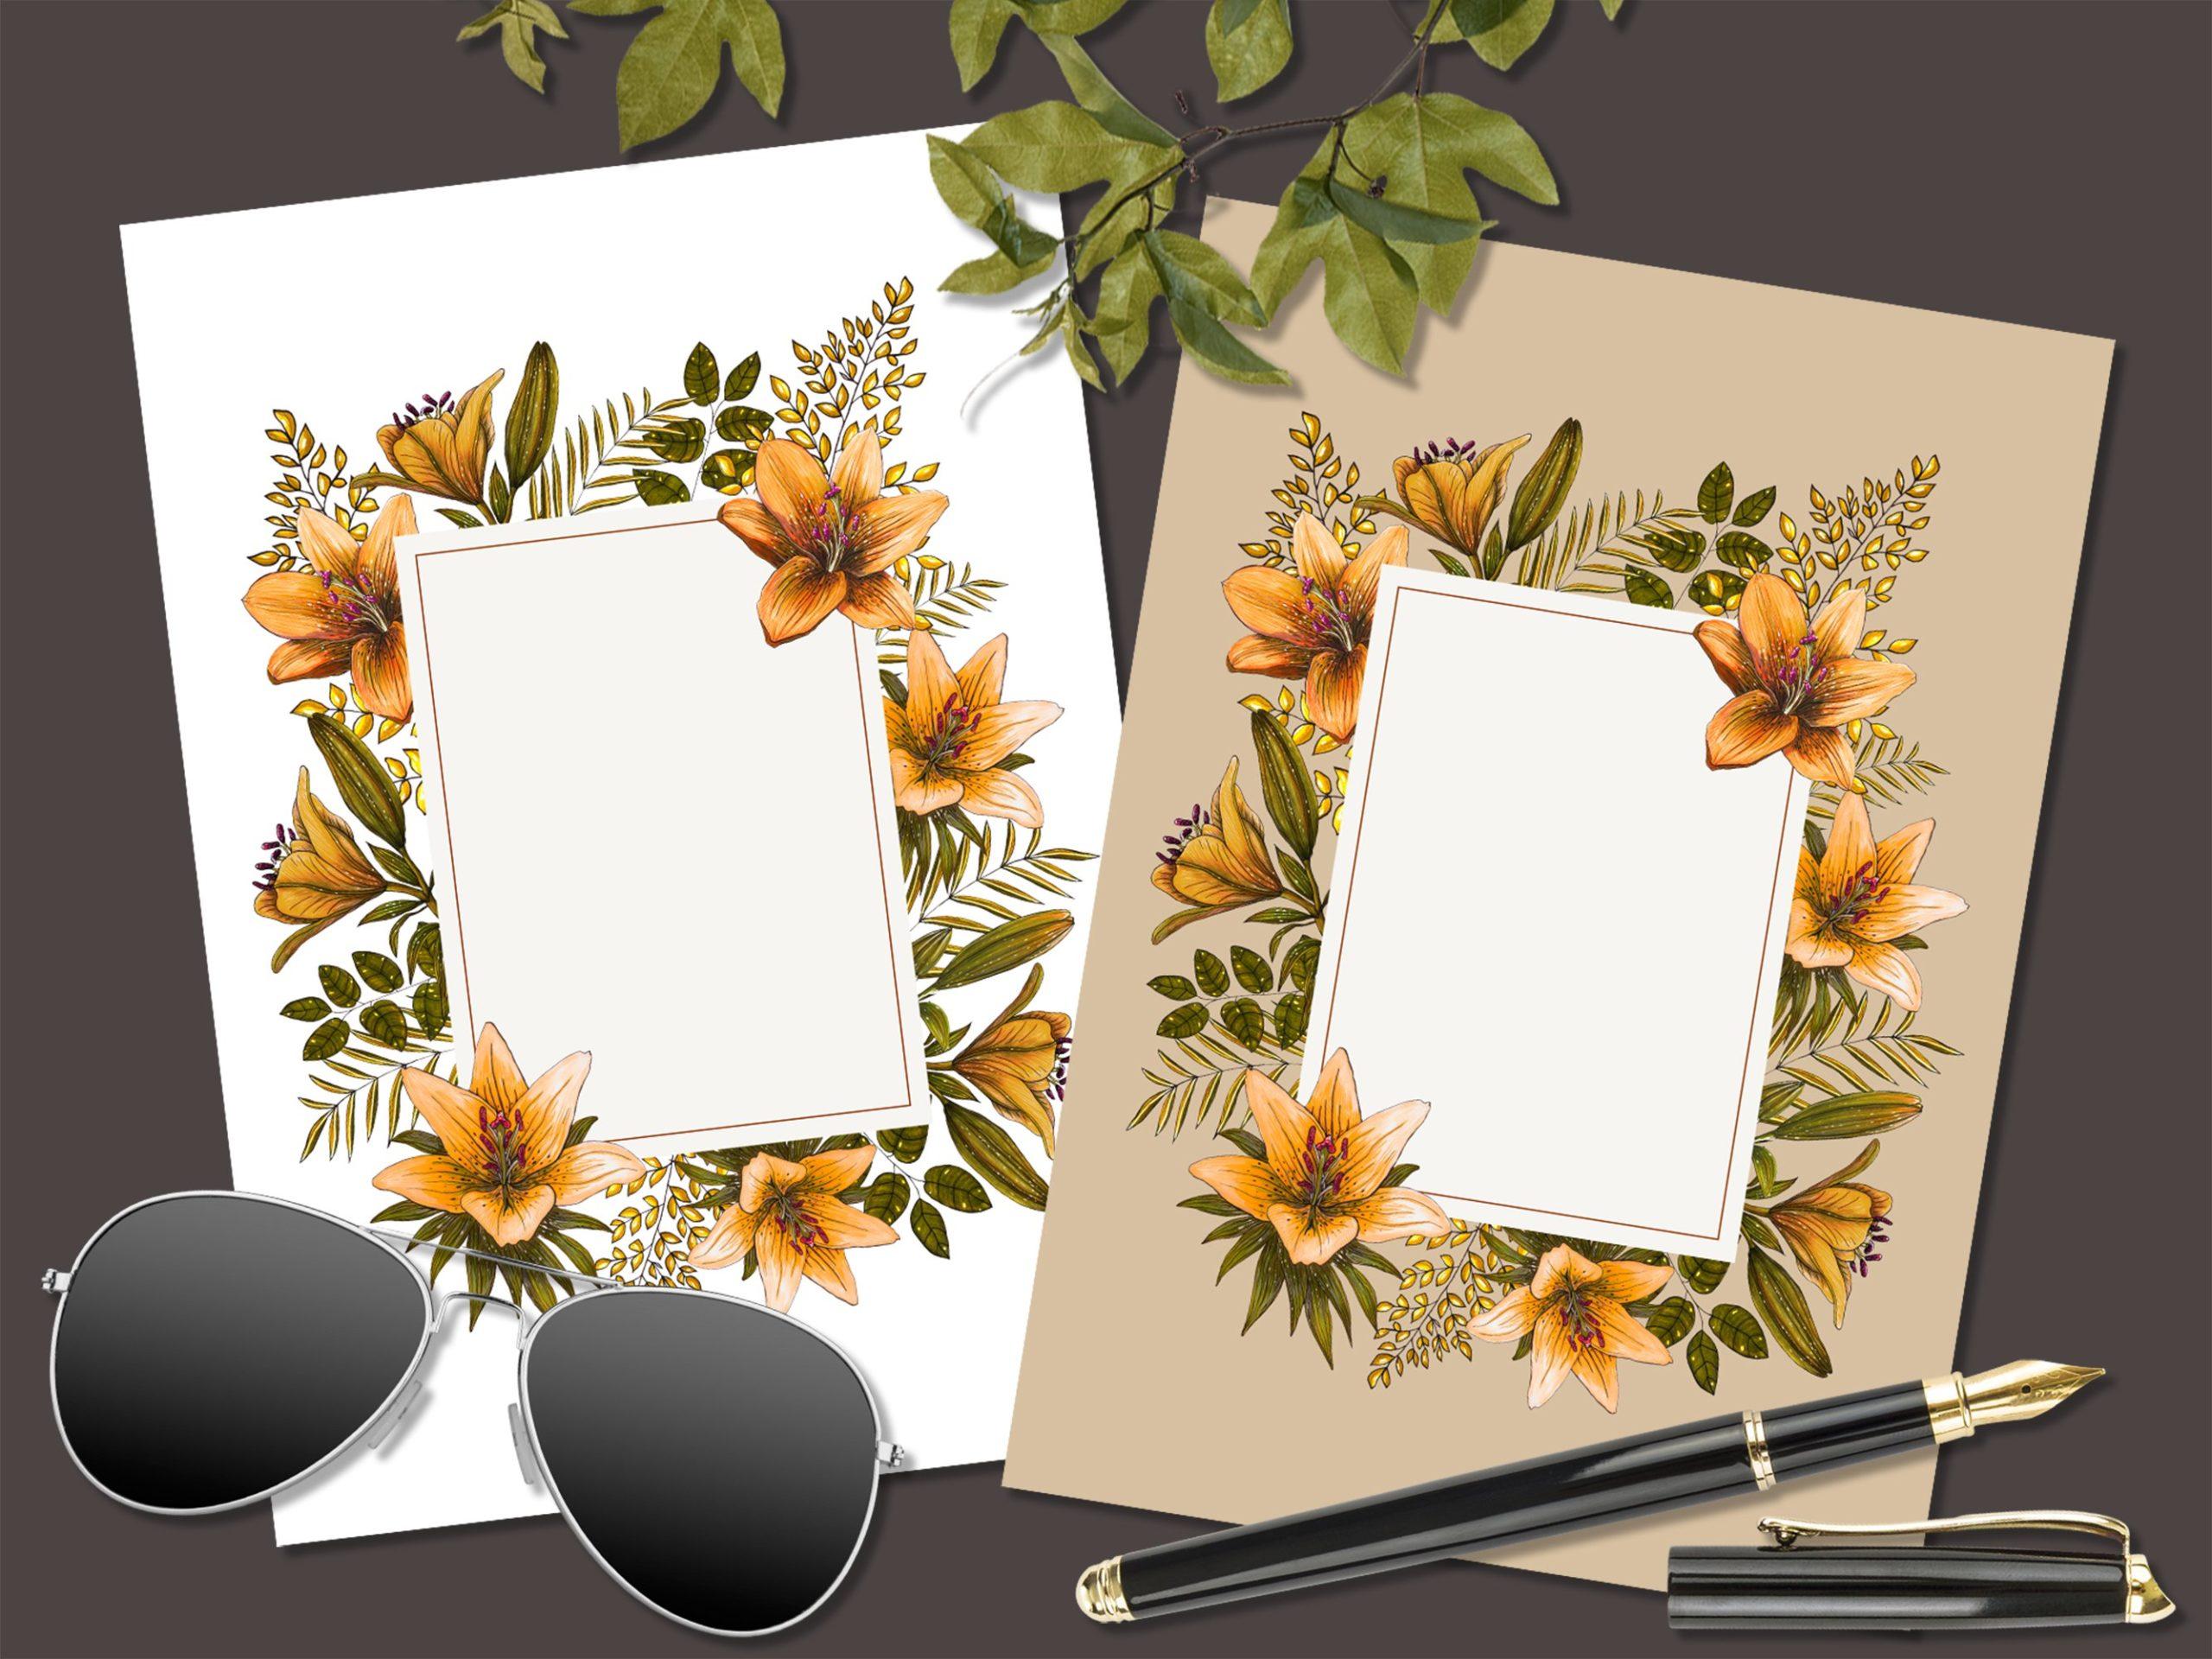 橙色无缝隙百合花手绘水彩画图片设计素材 Orange Lilies. Patterns and Postcards插图5